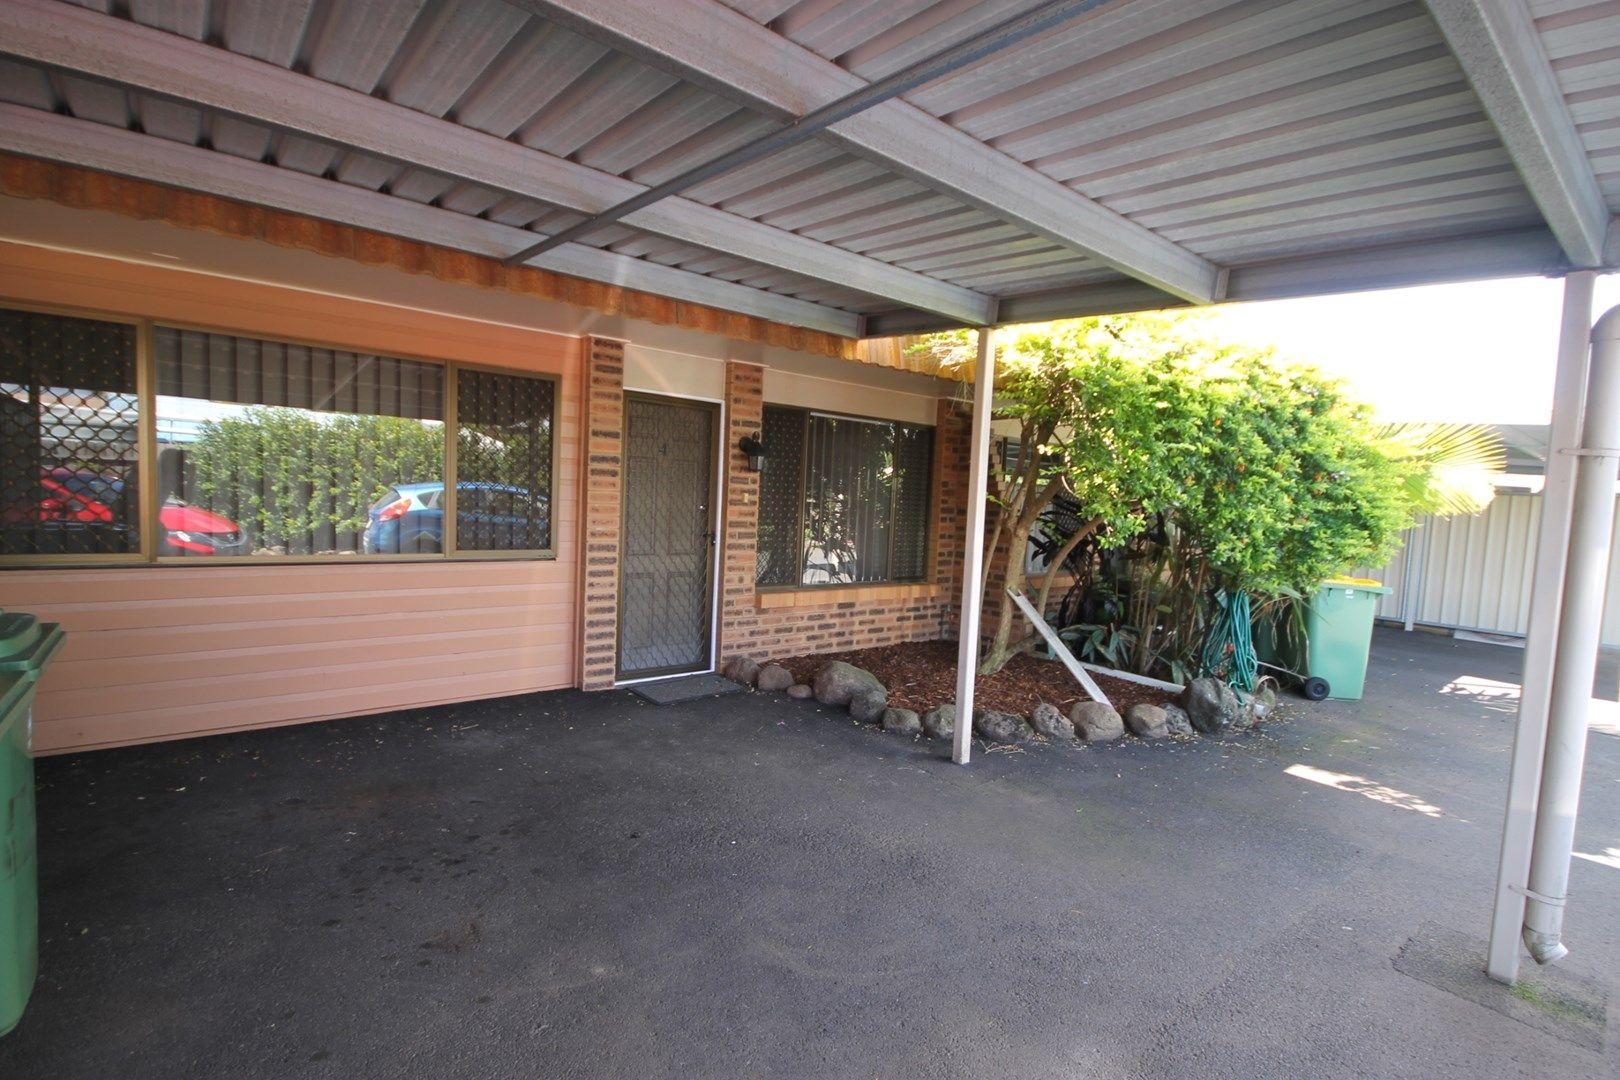 4/12 Ellis  Street, Toowoomba QLD 4350, Image 0